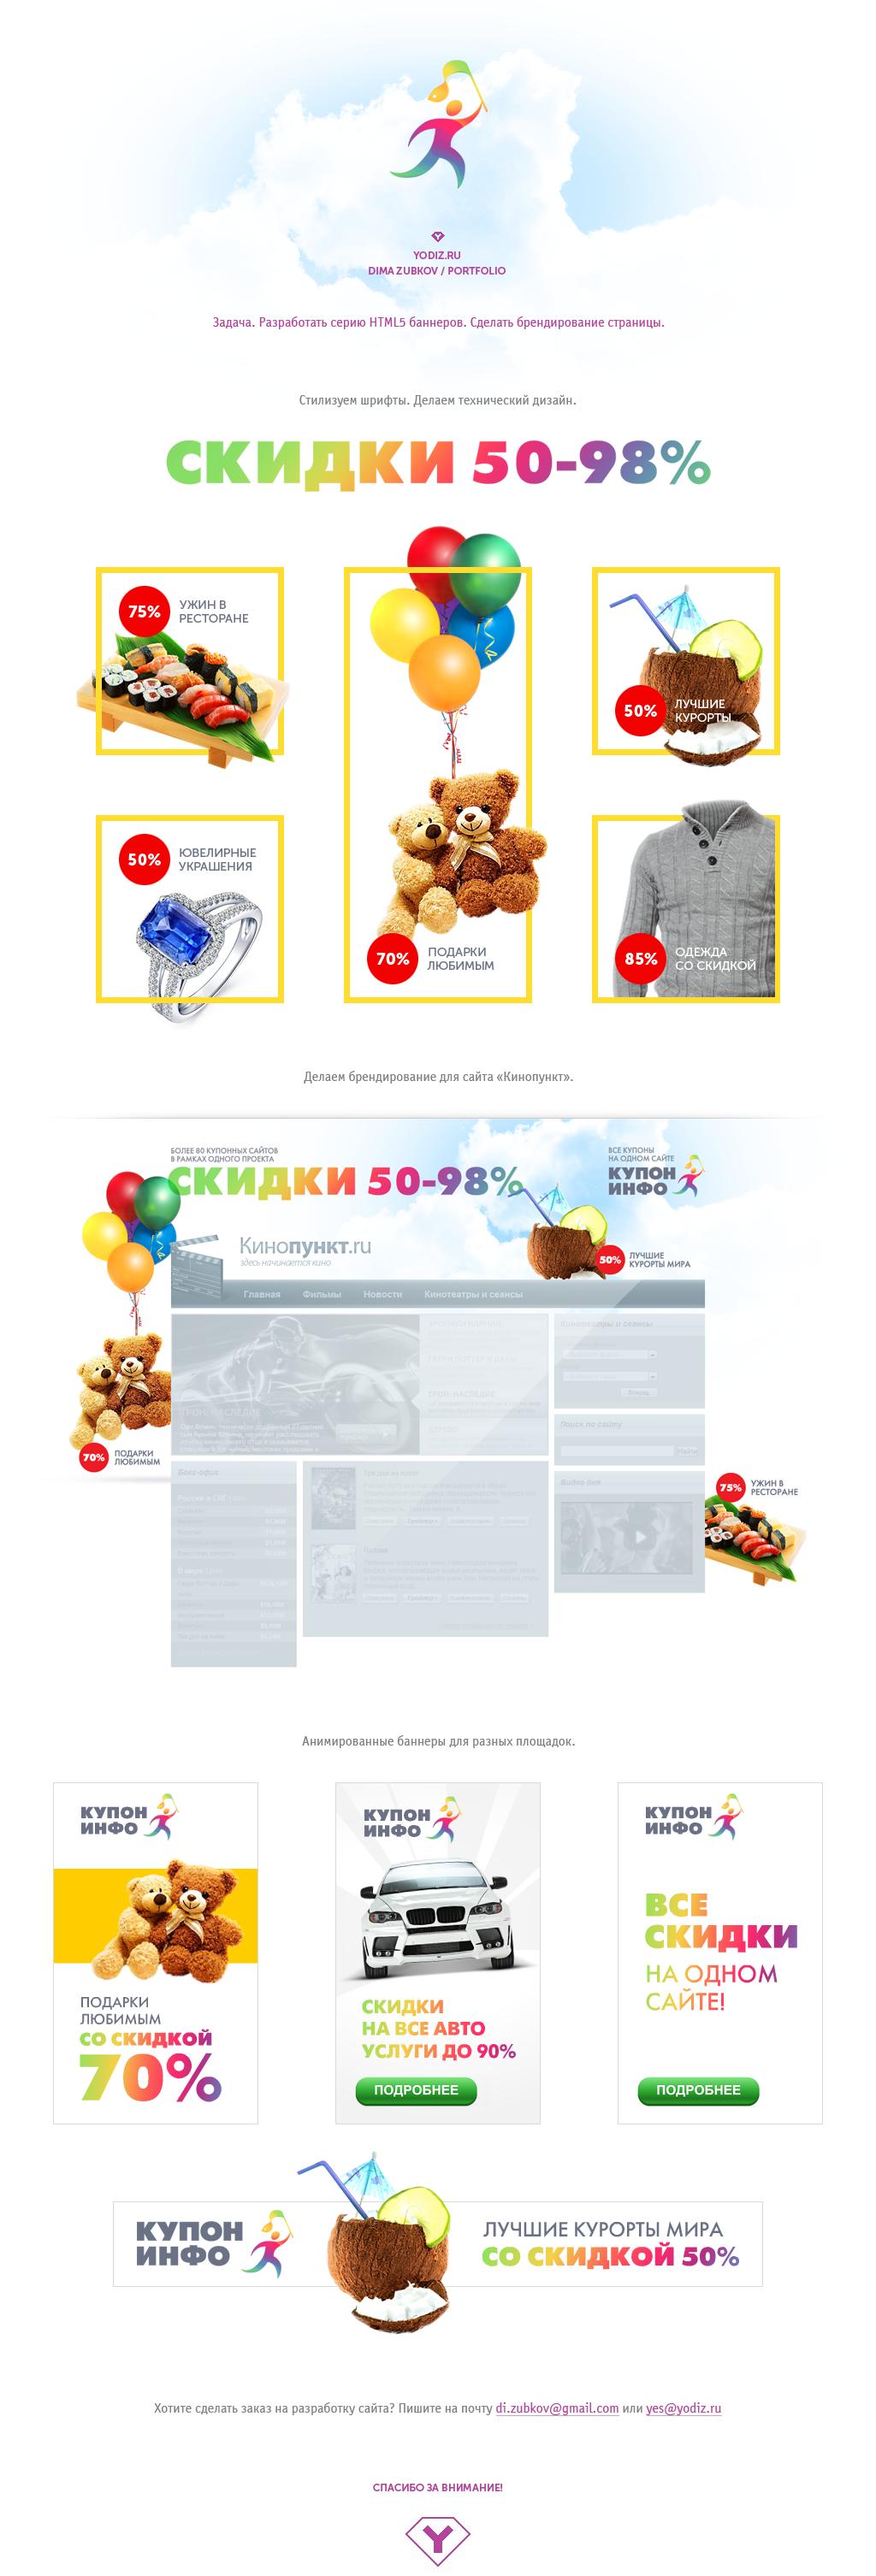 Брендирование страницы и разработка HTML5 баннеров